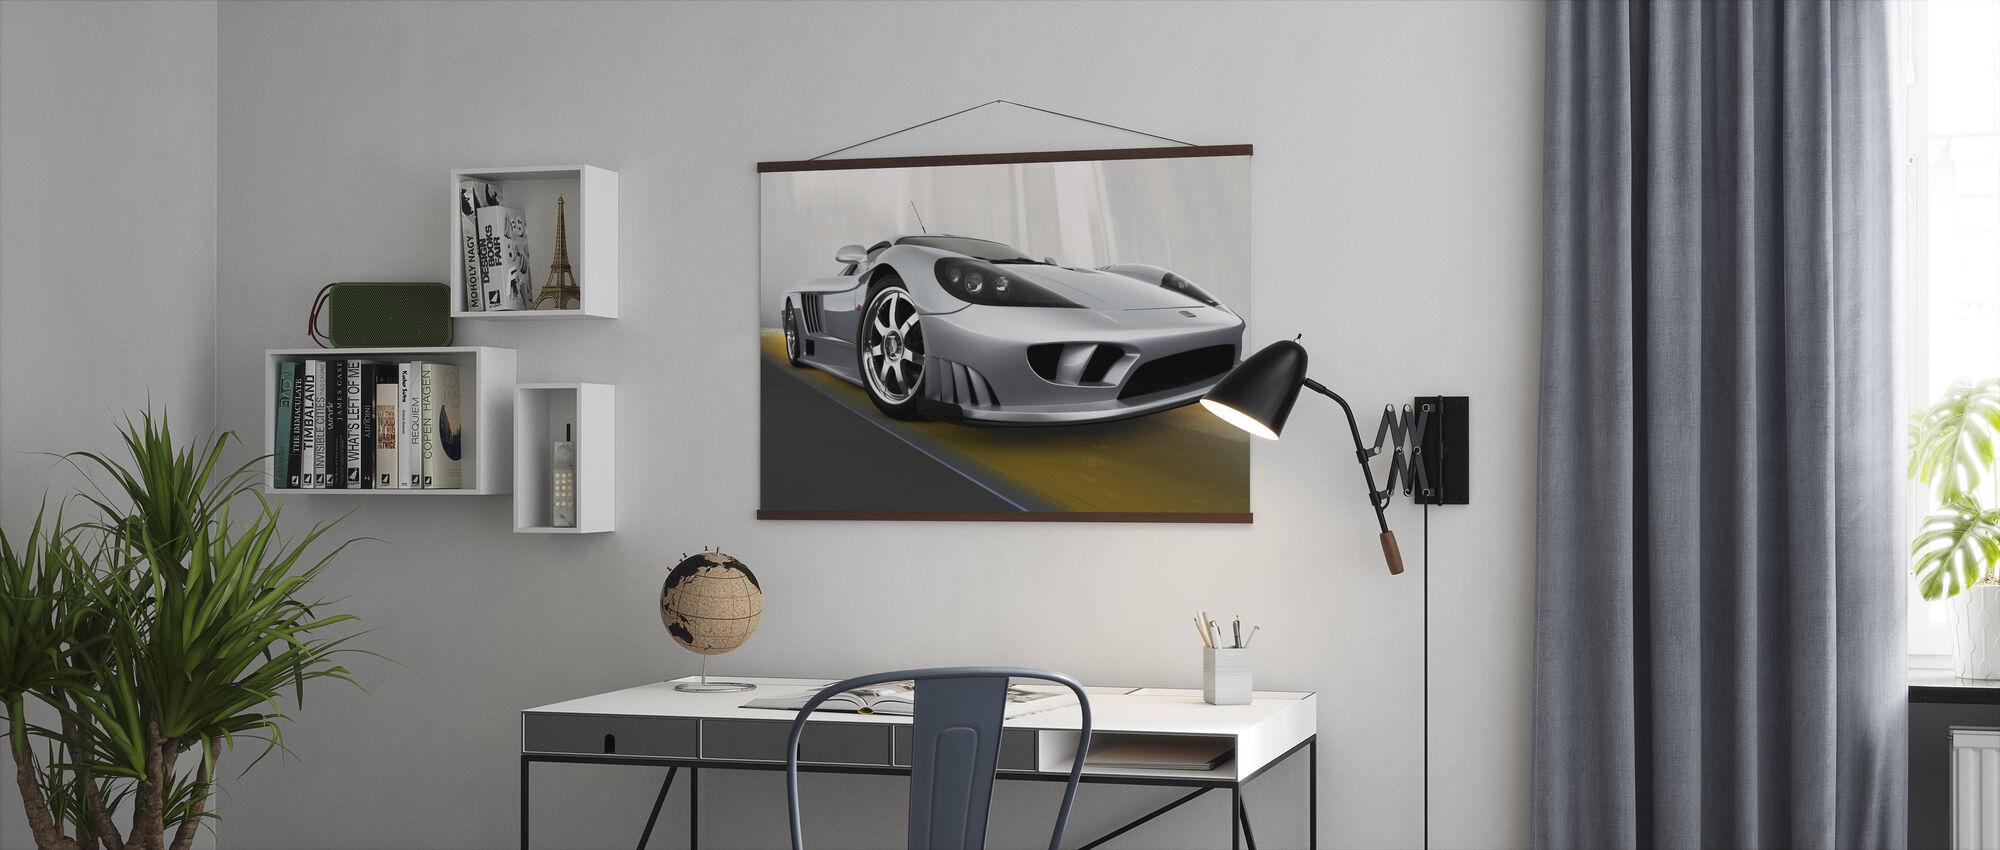 Saleen S7 - Poster - Kantoor